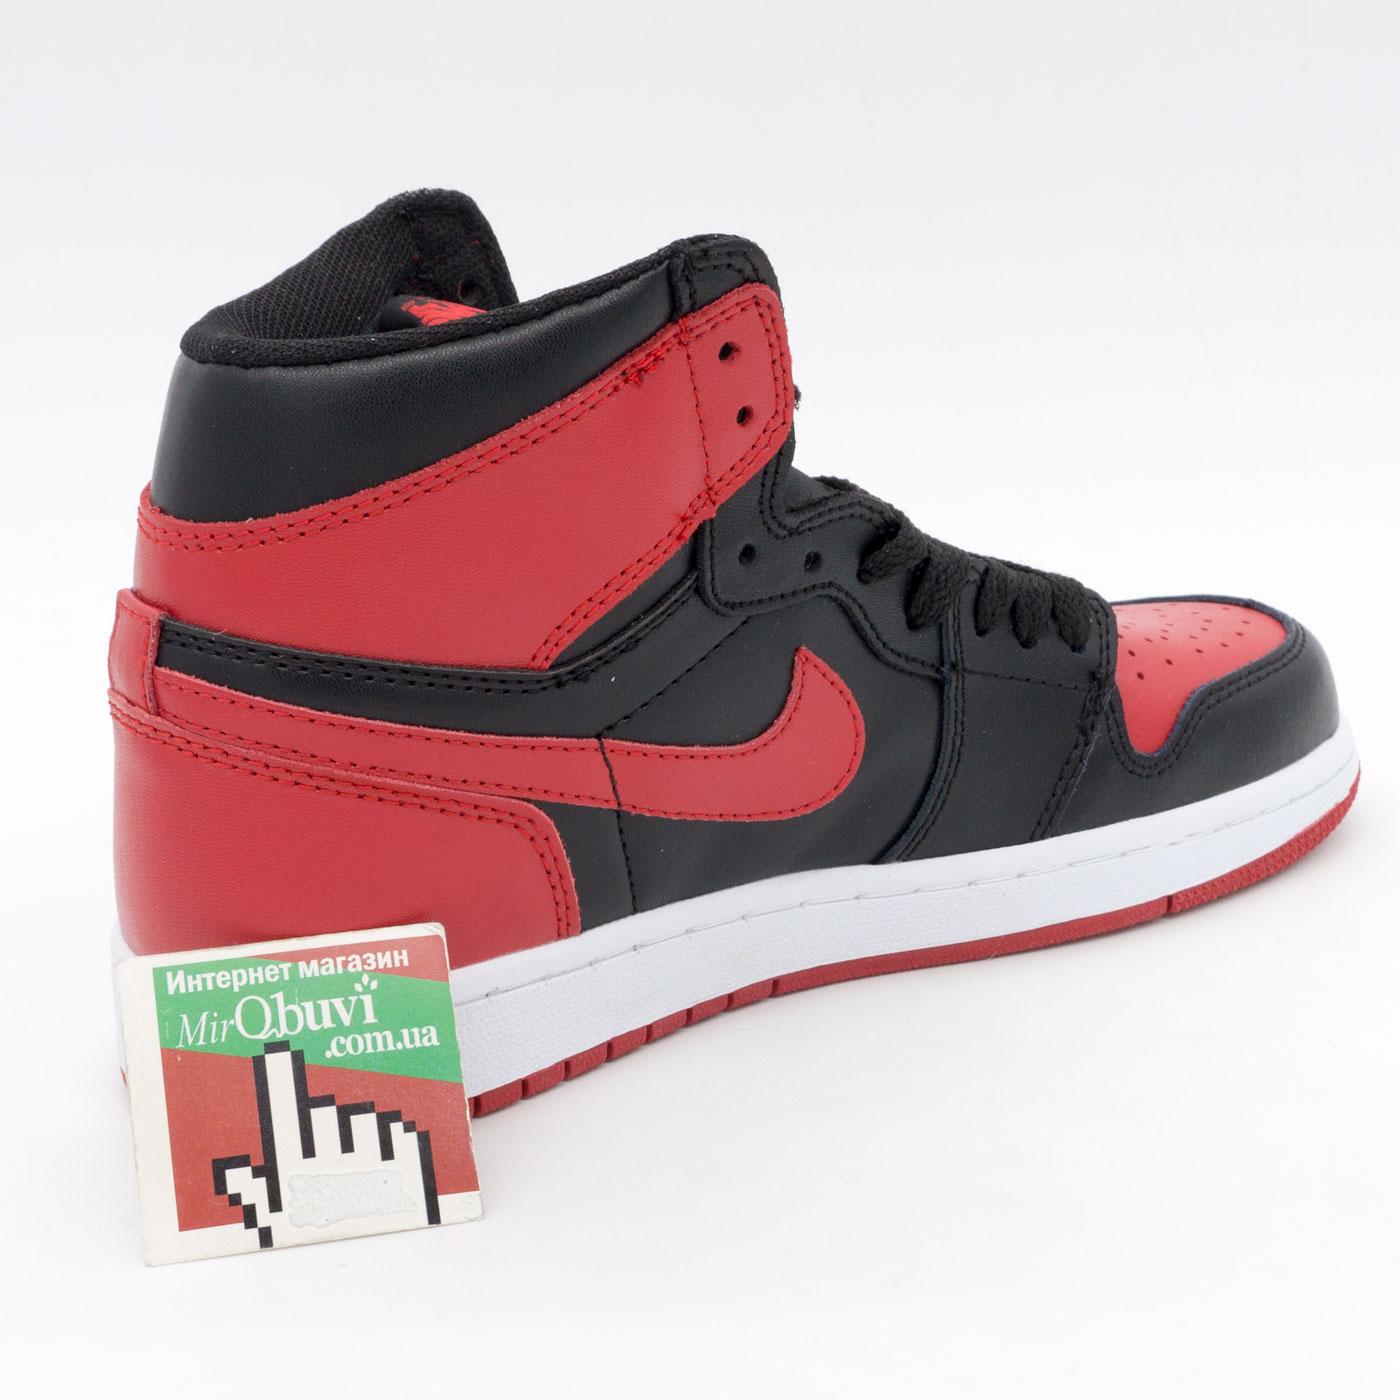 фото bottom Высокие черные c красным кроссовки Nike Air Jordan 1 Retro. Топ качество! bottom